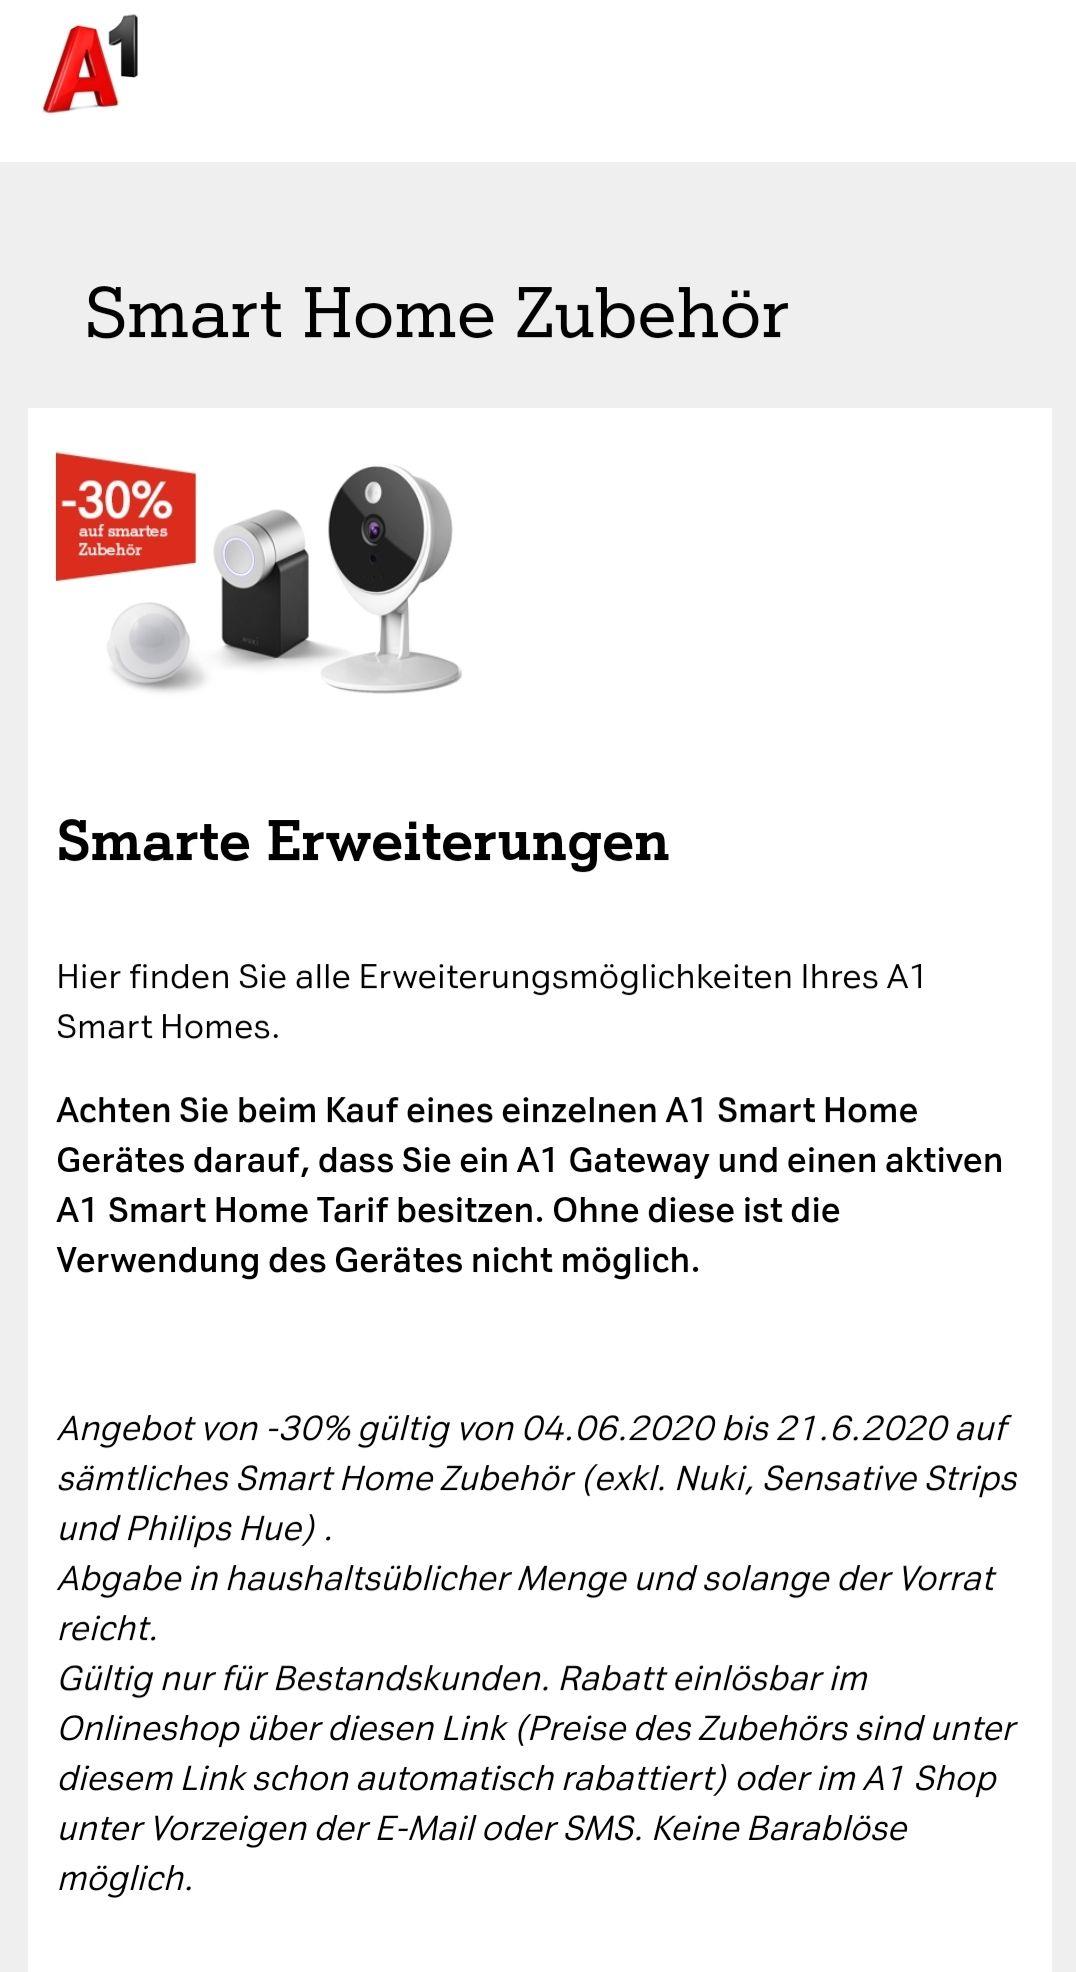 A1 Smart Home -30% auf Zubehör